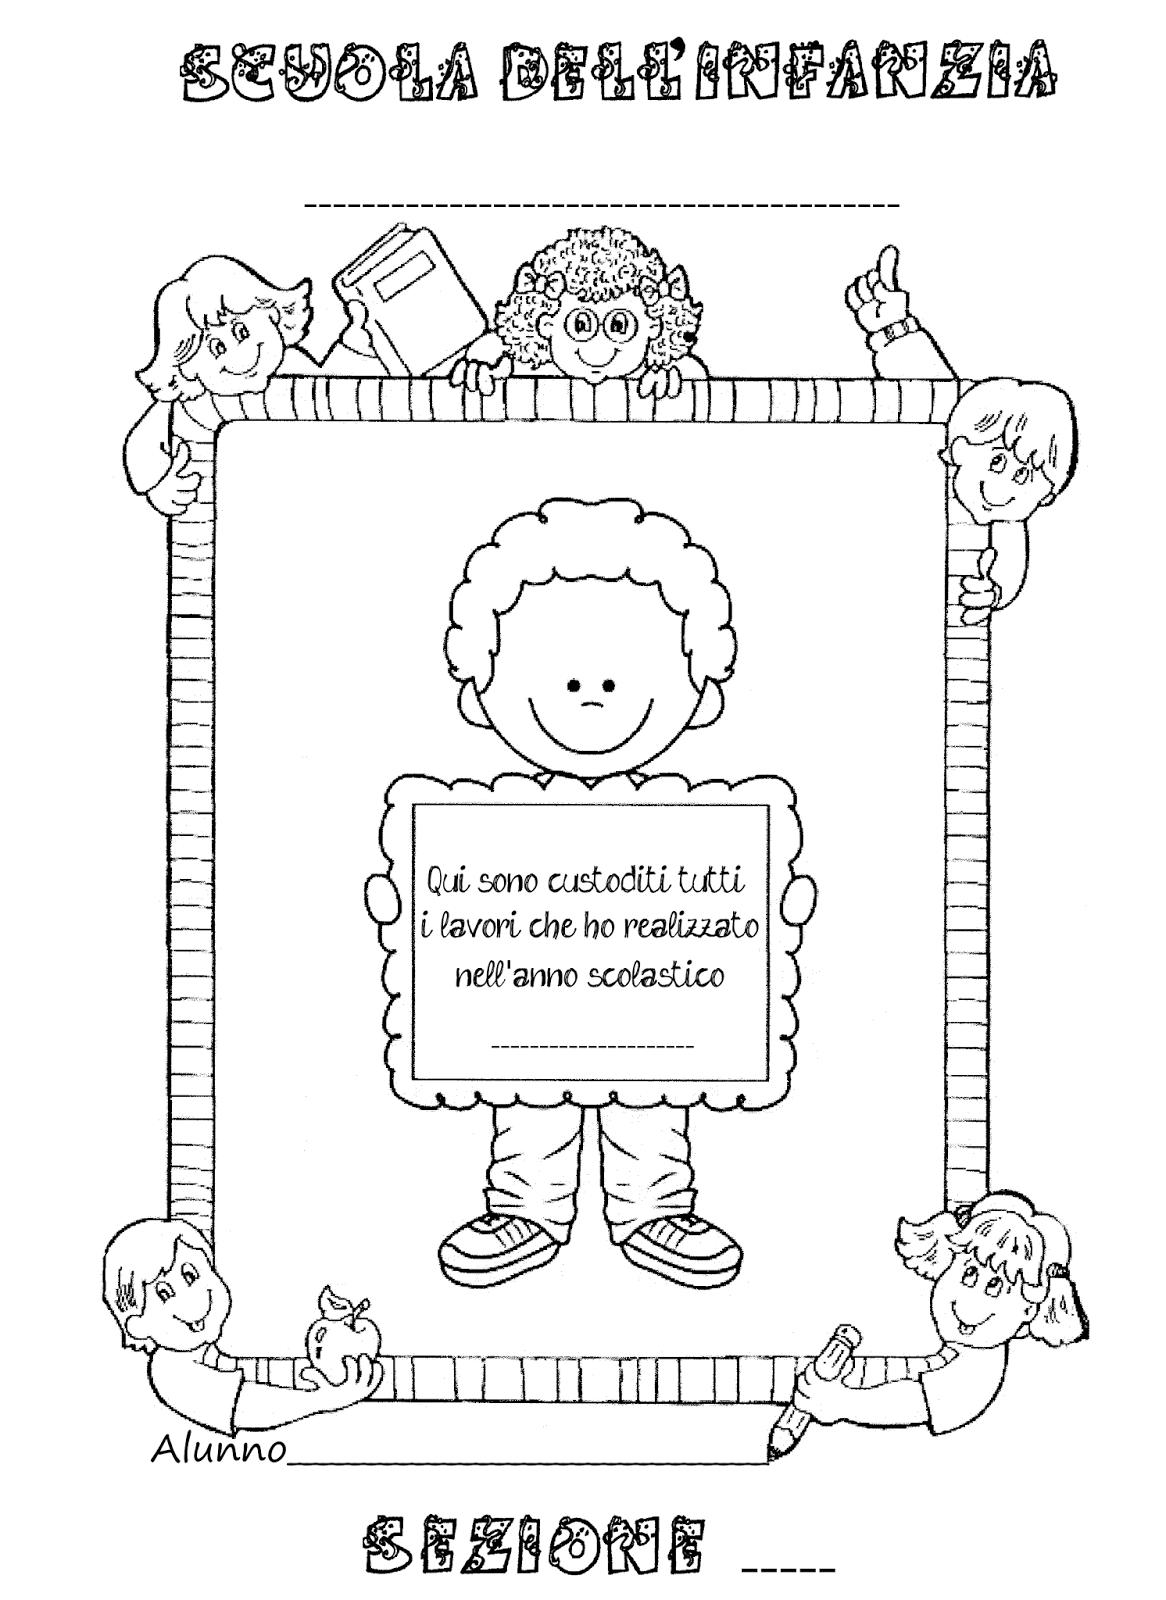 Pin di al joory su education diploma di scuola materna for Maestra gemma accoglienza scuola infanzia